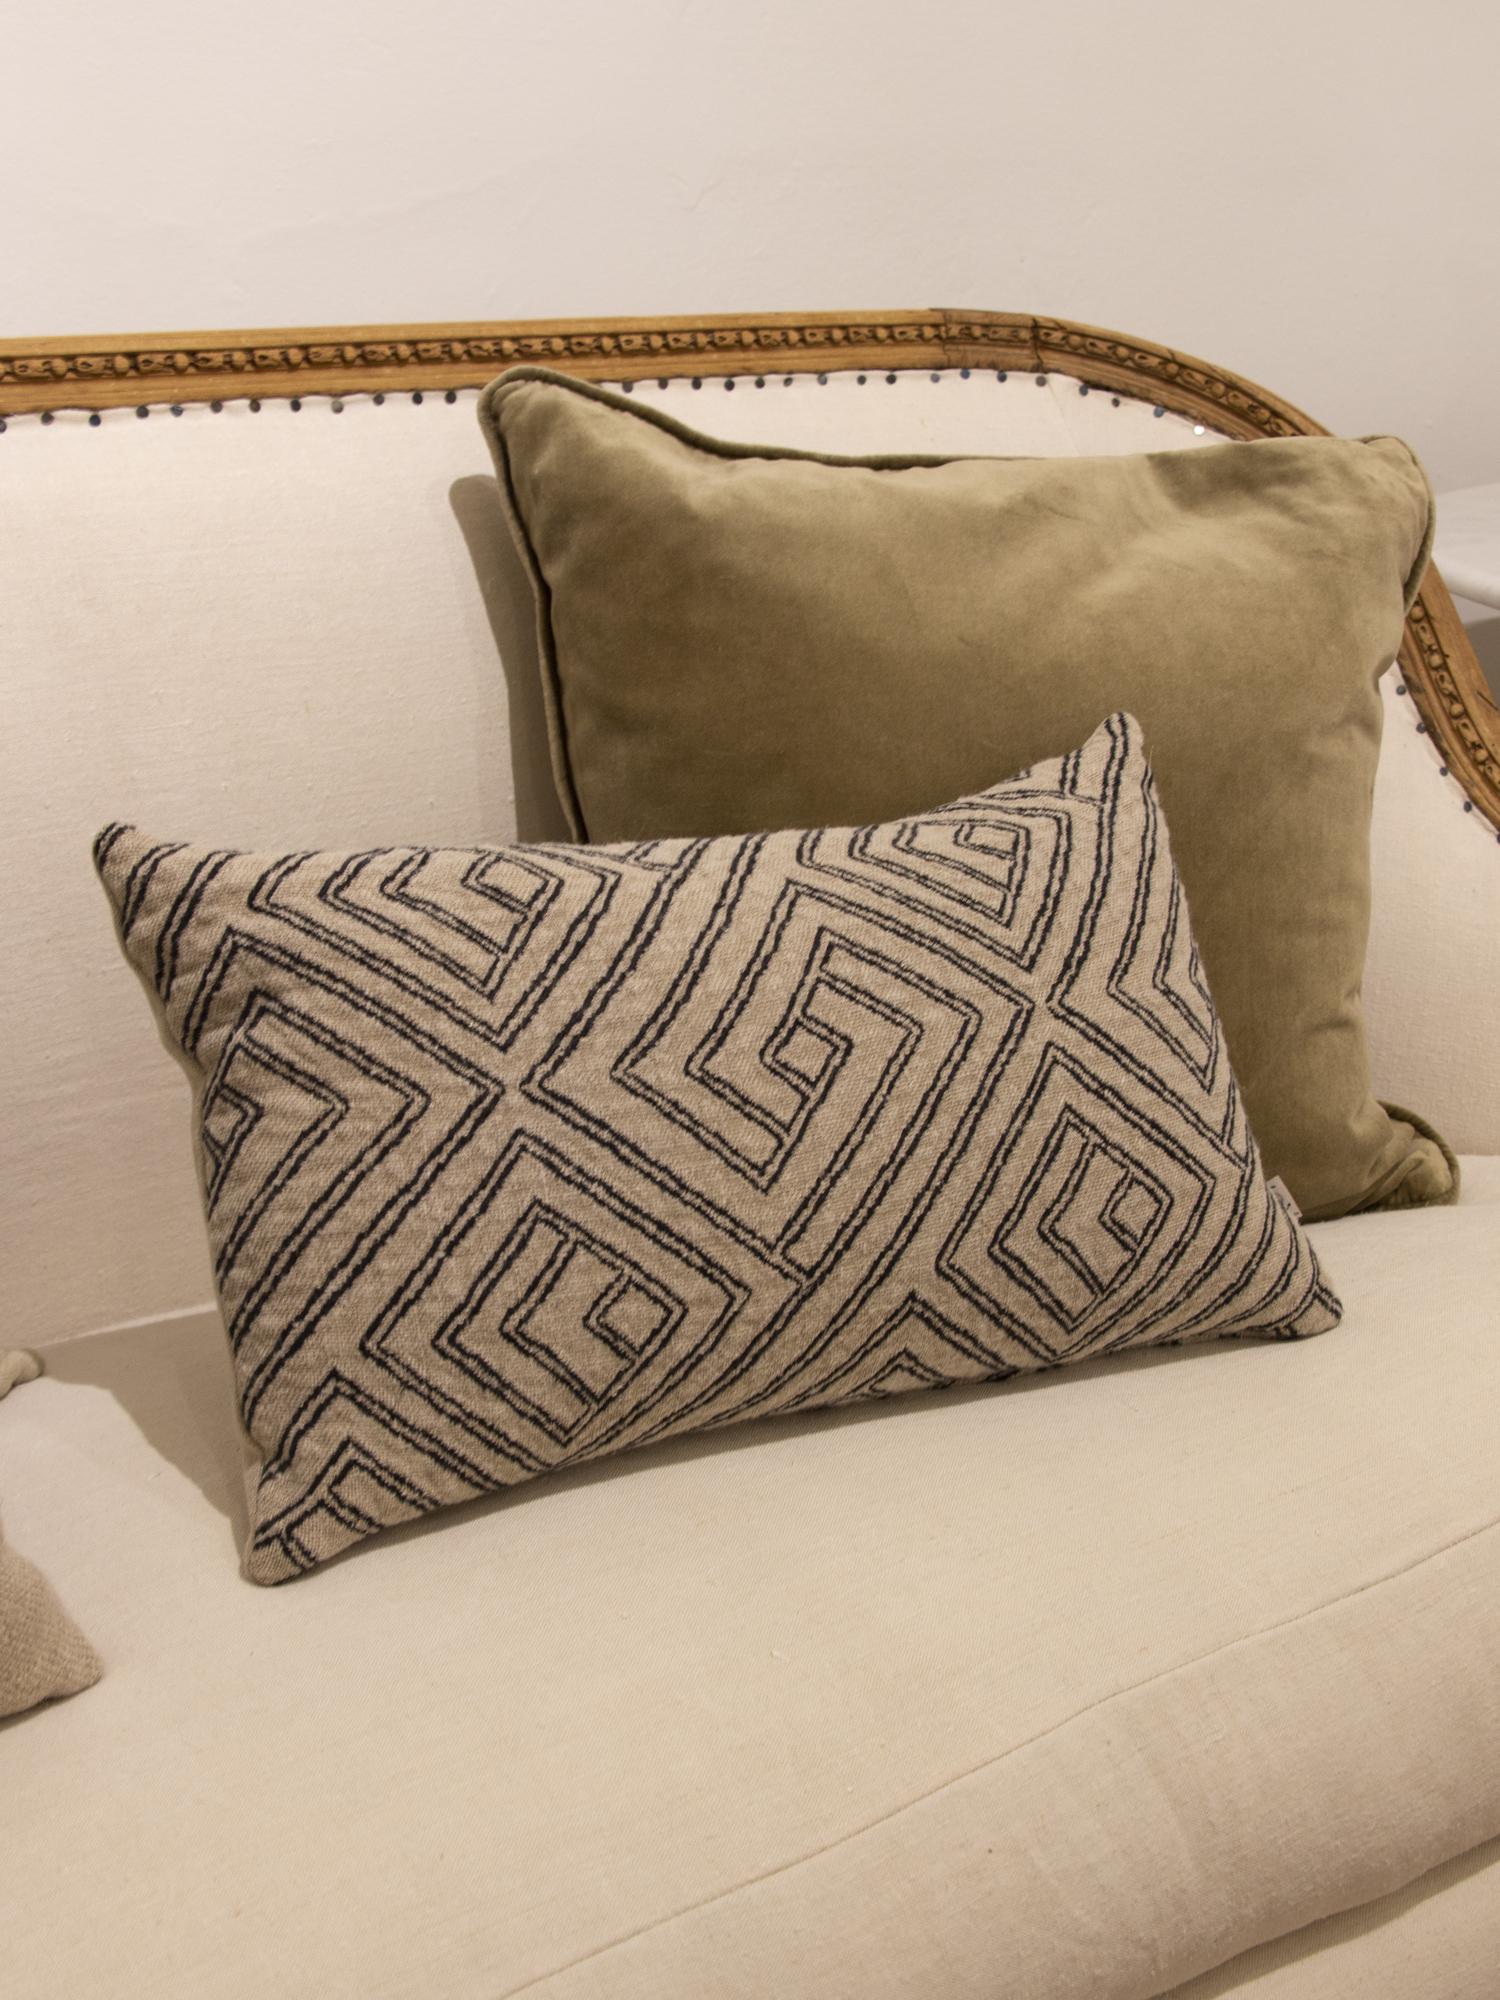 Cojín rectangular de lino con estampado geométrico en color crema y negro y parte trasera en color crema.